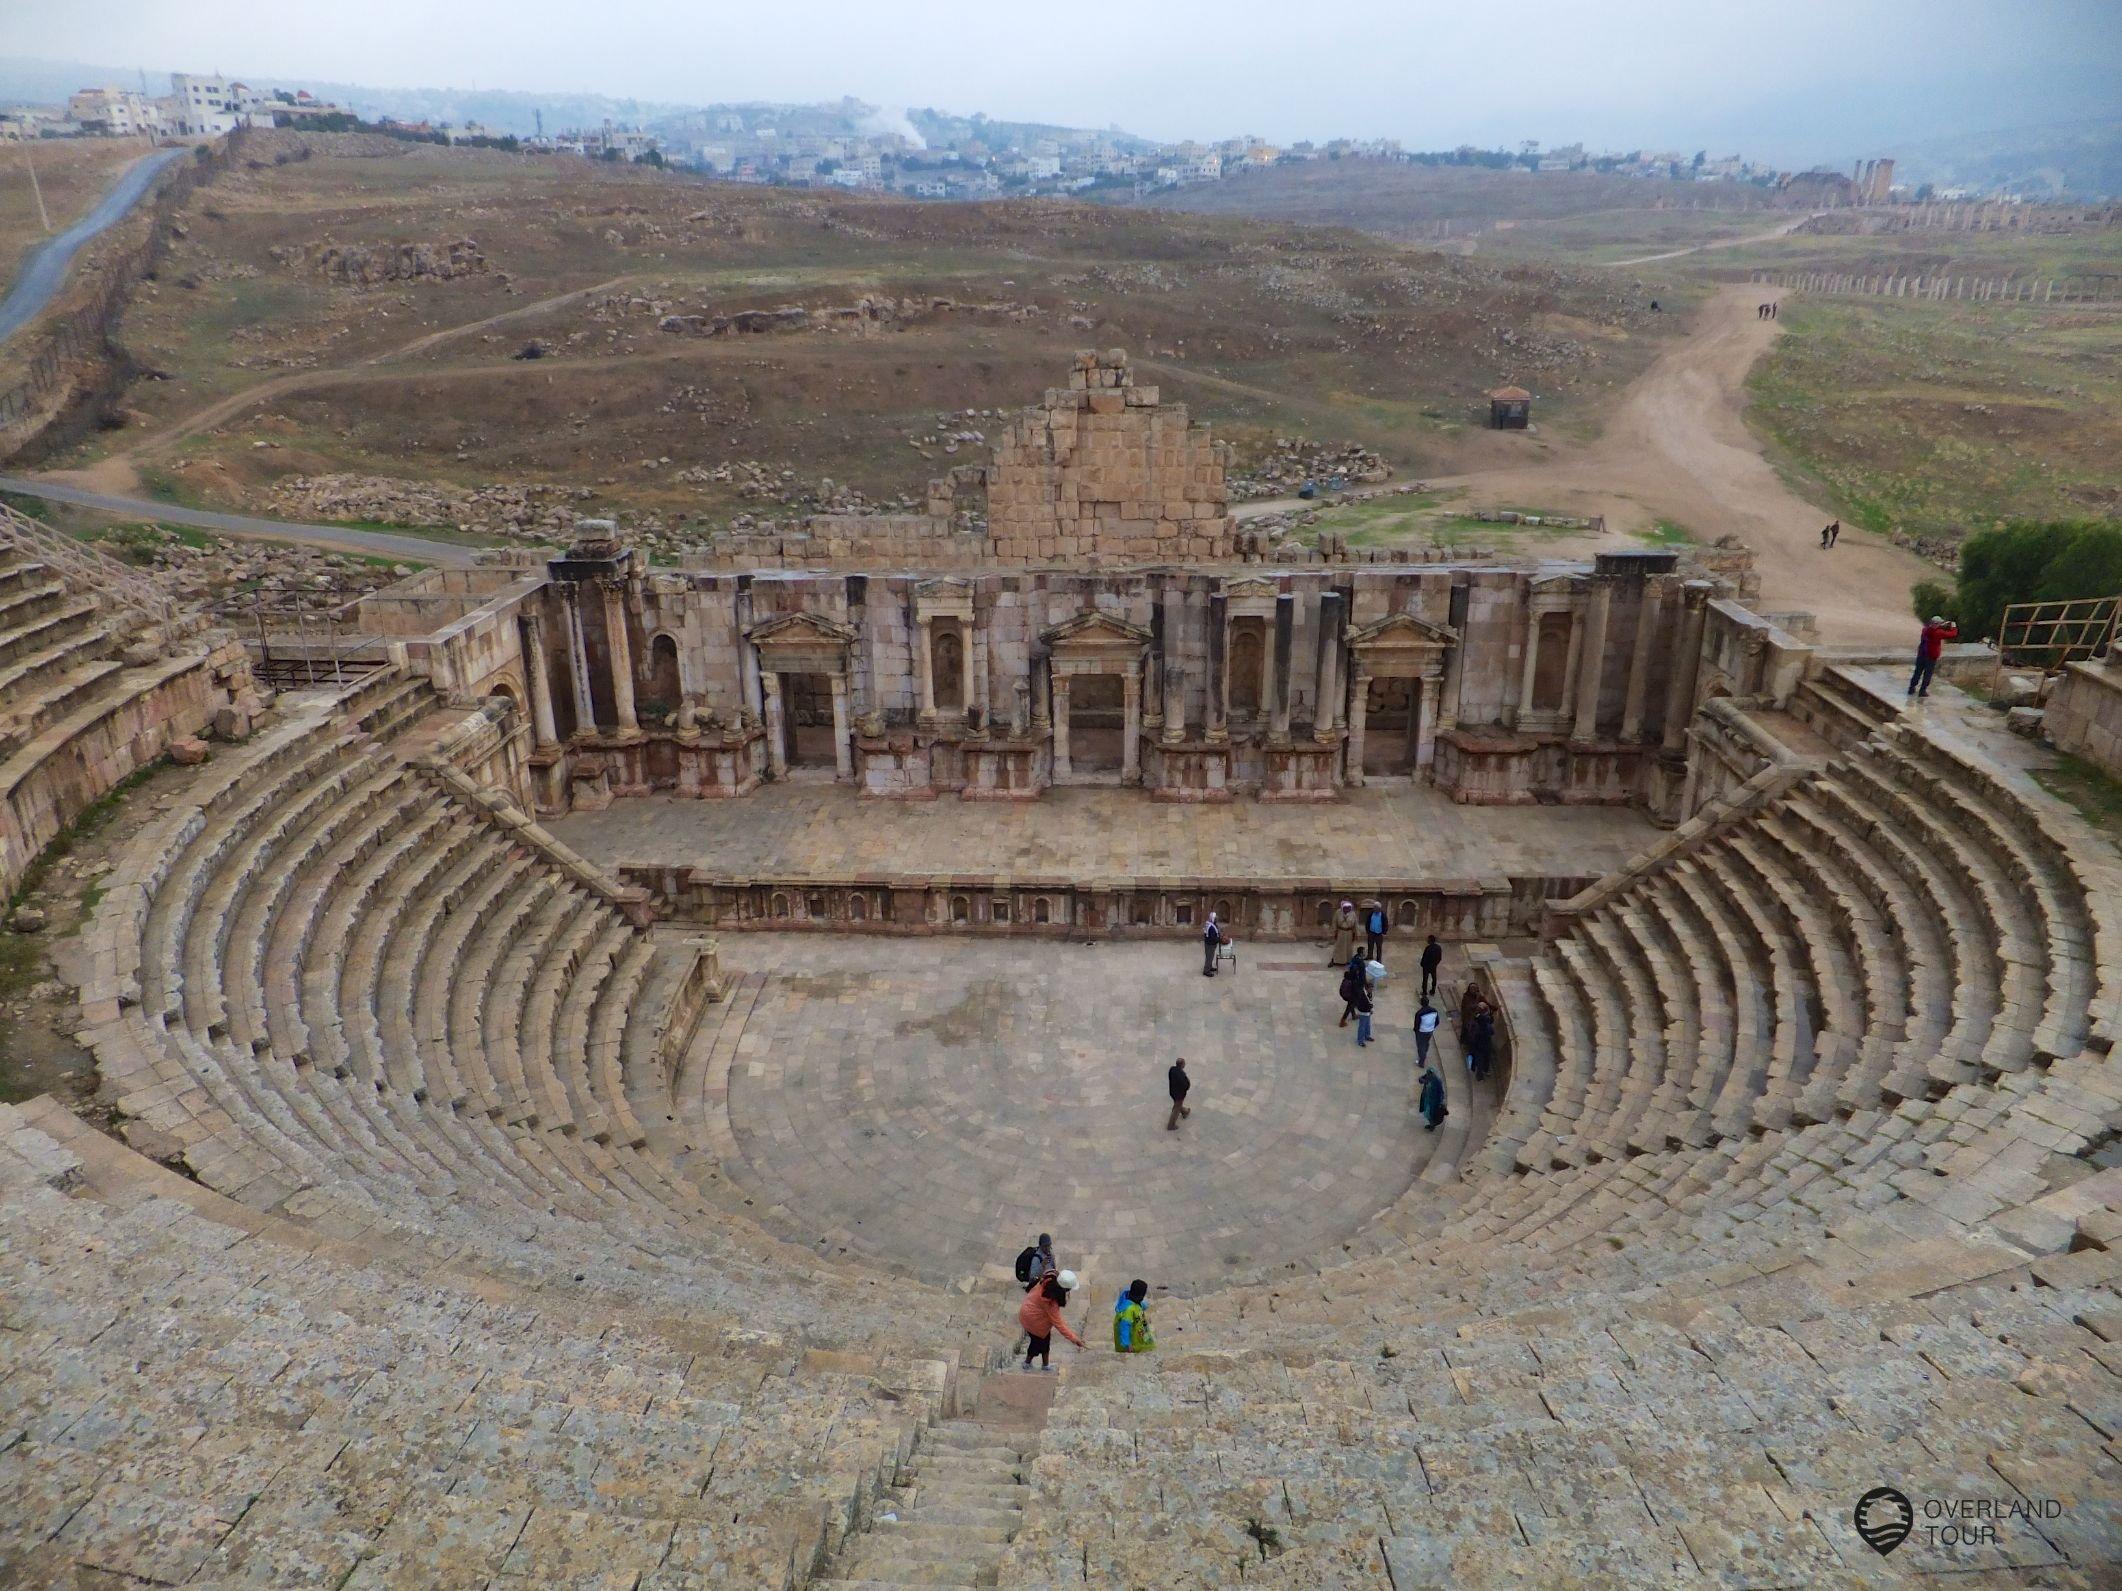 Der Ausblick von den obersten Rängen des Amphitheaters